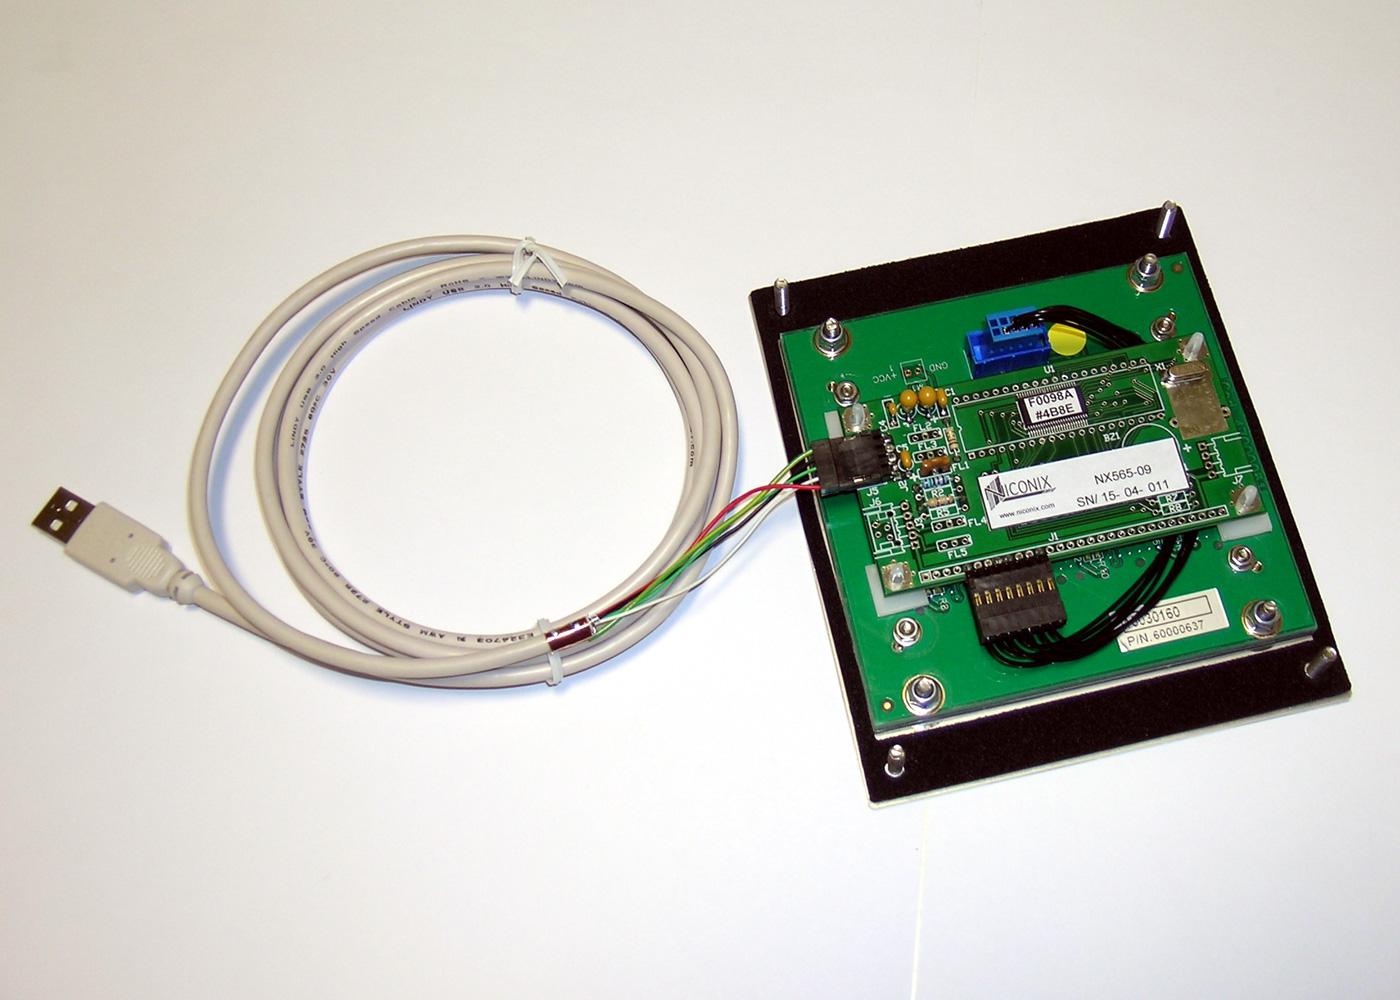 Clavier inox antivandale 12 touches intégrable en panneau par l'avant – Cordon USB